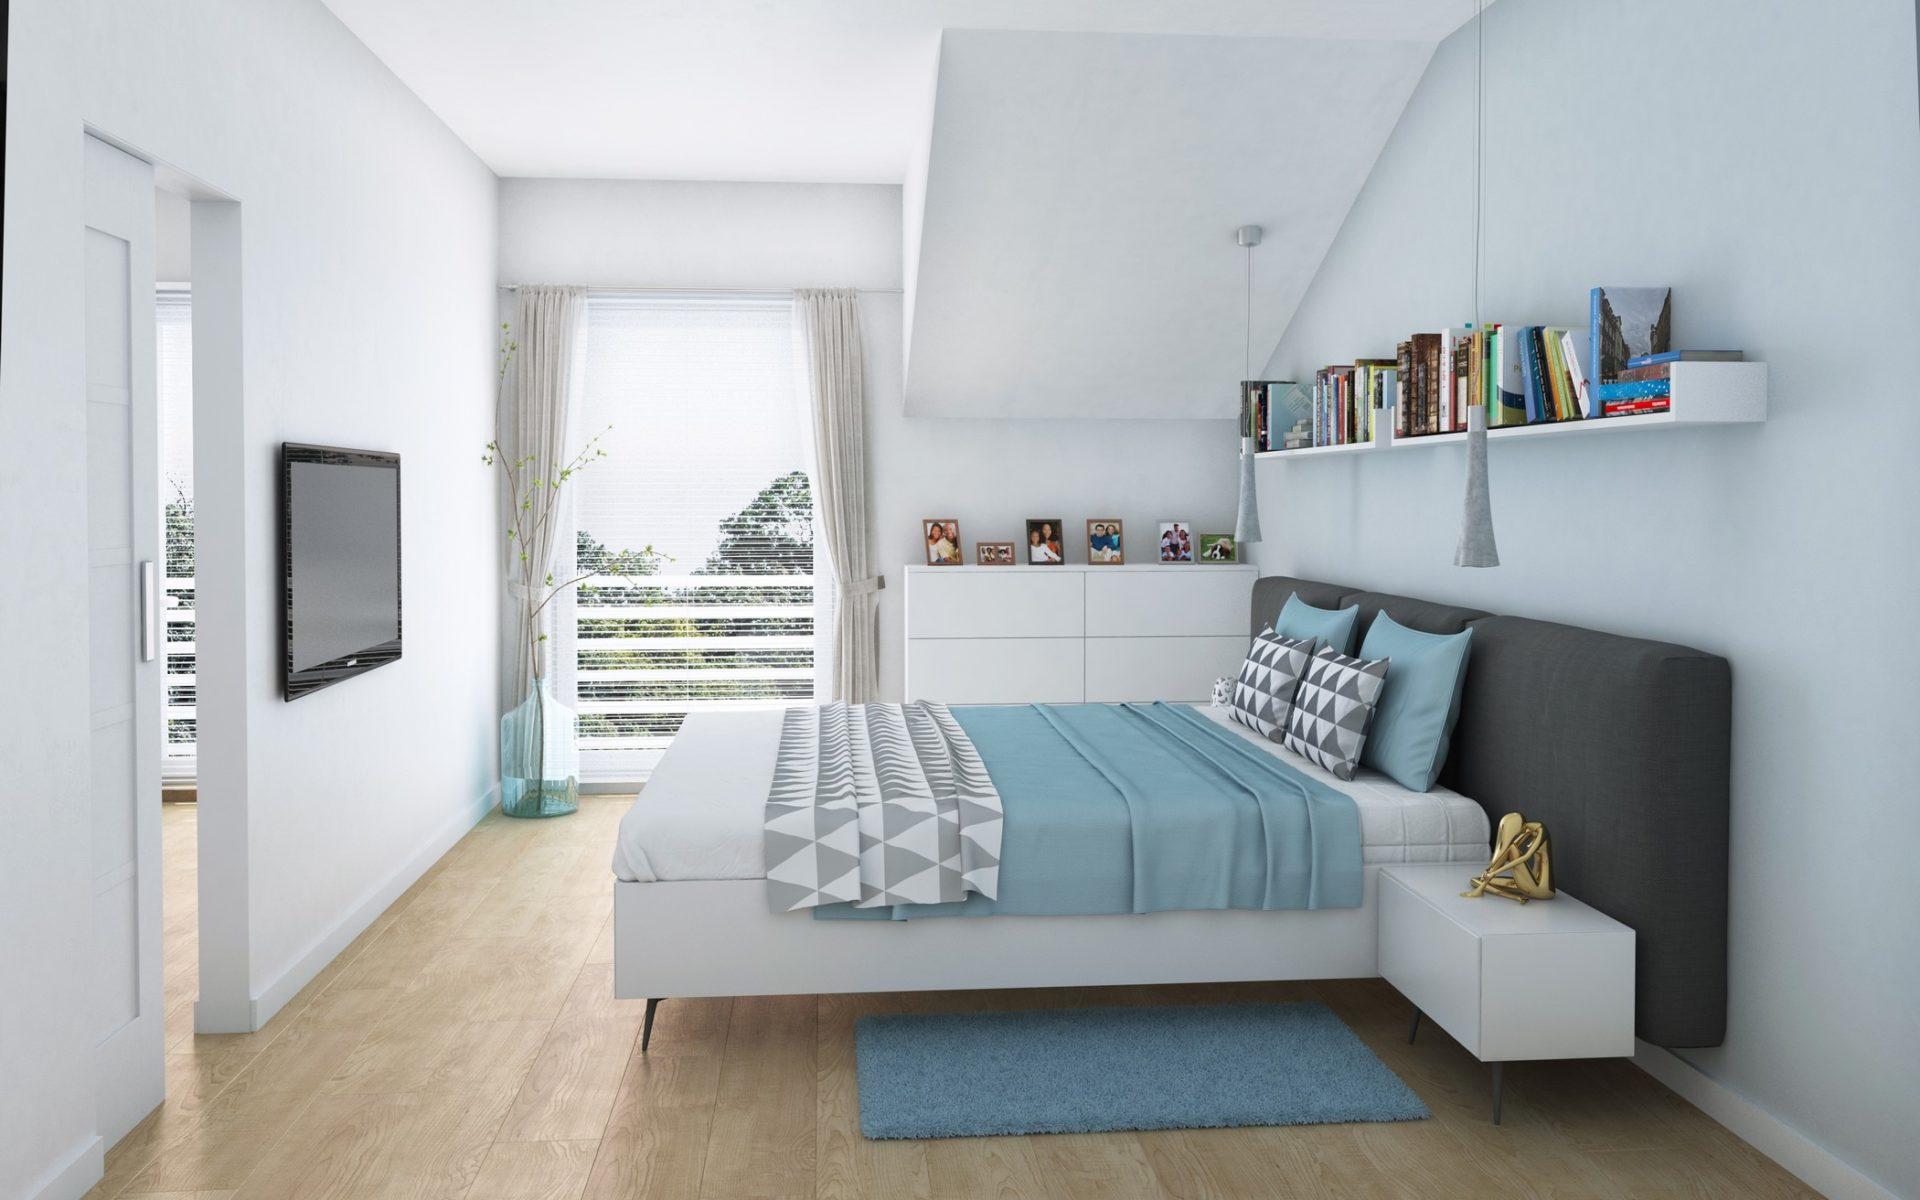 Wizualizacja wnętrza sypialnia w domu jednorodzinnym